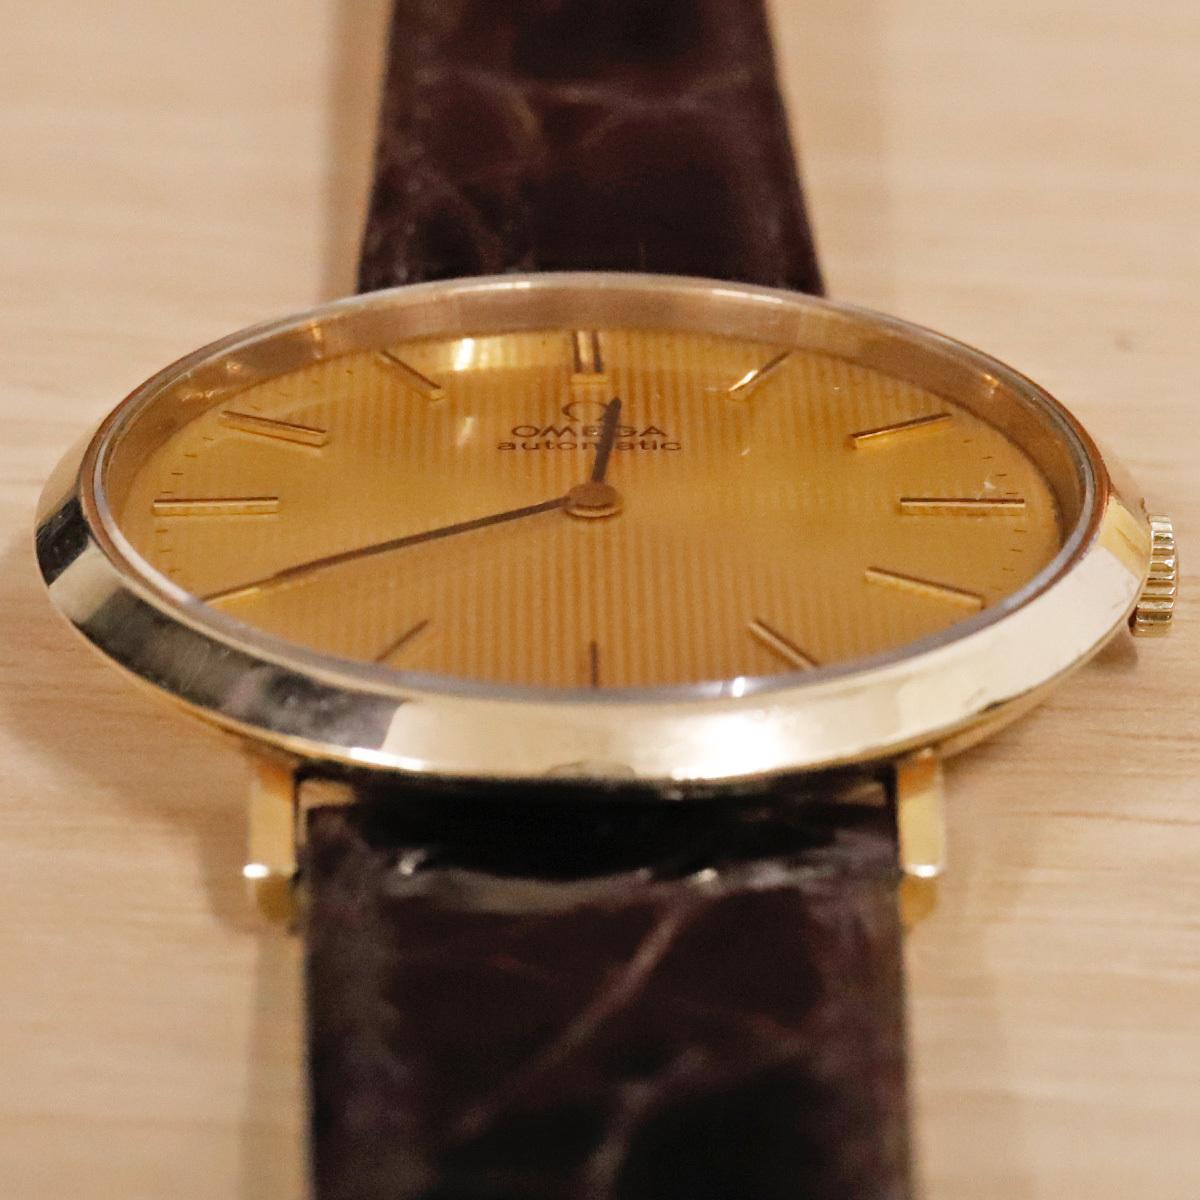 本物 オメガ 自動巻 オートマチック メンズウォッチ ゴールドケース 機械式腕時計 スイス製 正規品 OMEGA_画像2